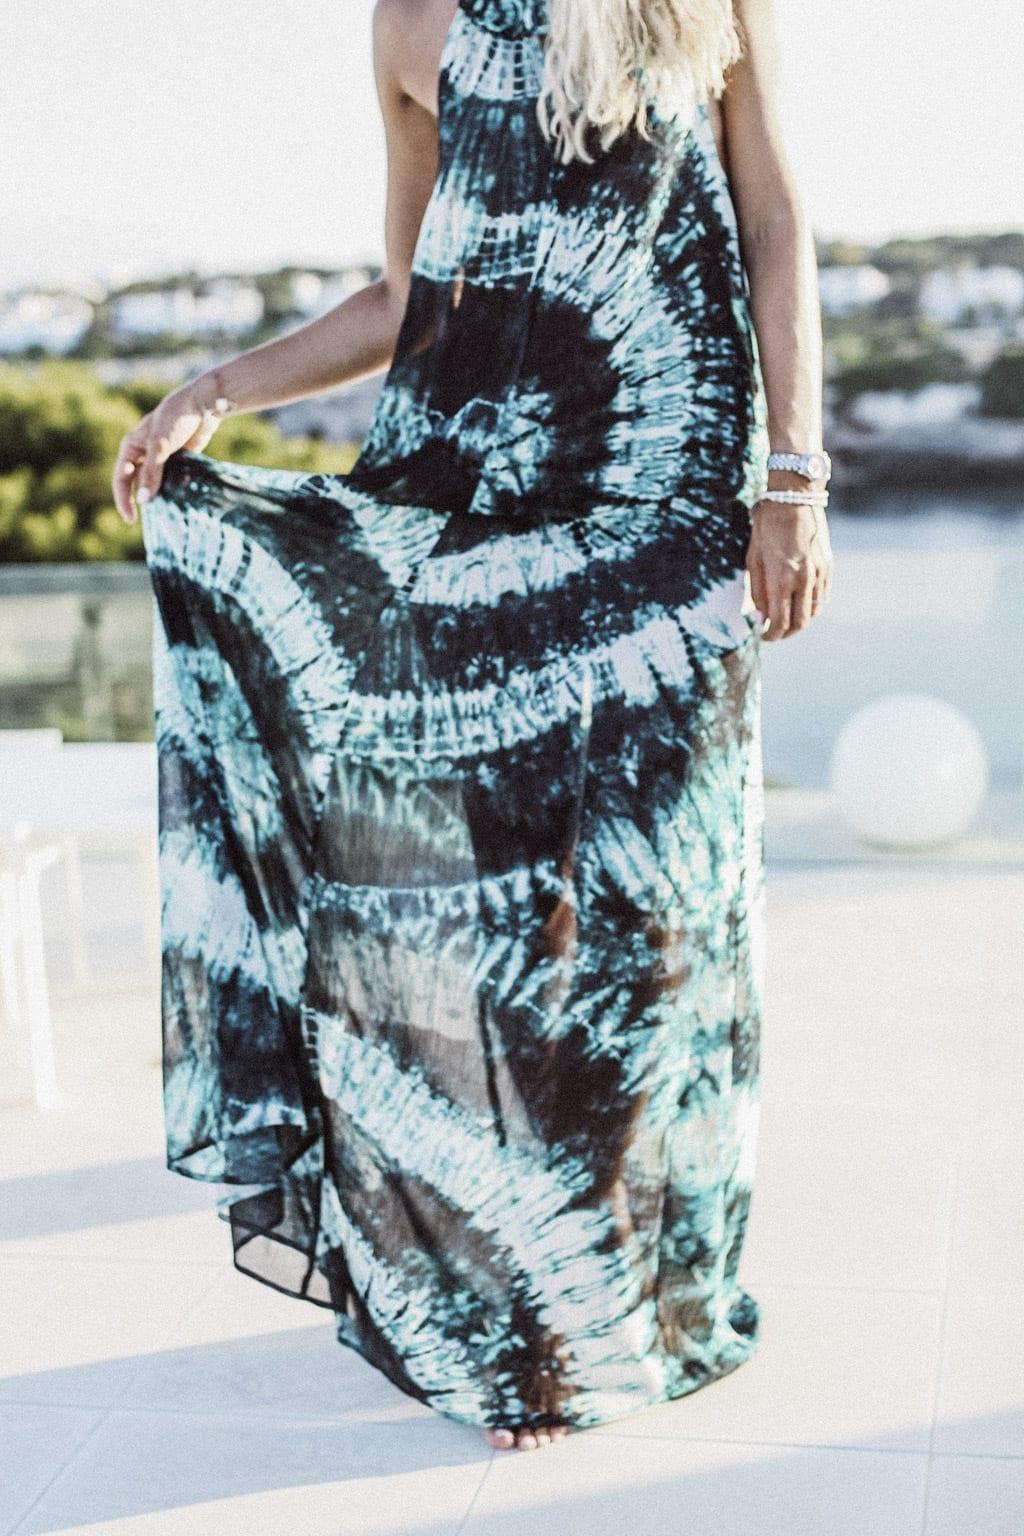 CK-1606-mallorca-spain-espana-island-hopping-travel-fashion-blog-karin-kaswurm-finca-villa-0193